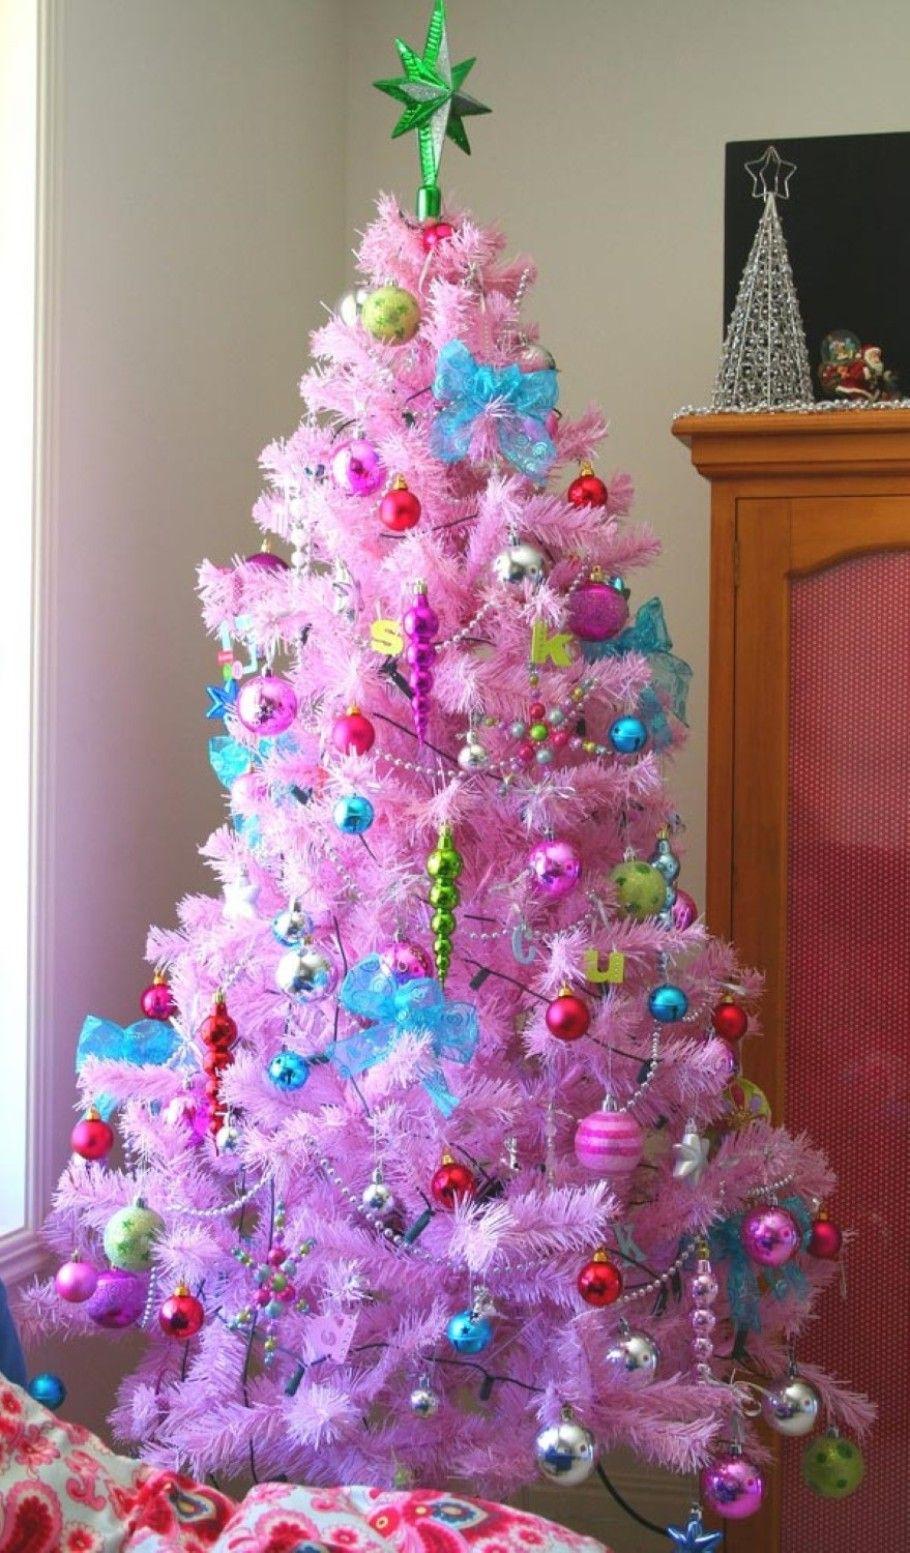 Decoracion de navidad con unicornios decoracion navide a - Decoracion de arboles navidenos para ninos ...